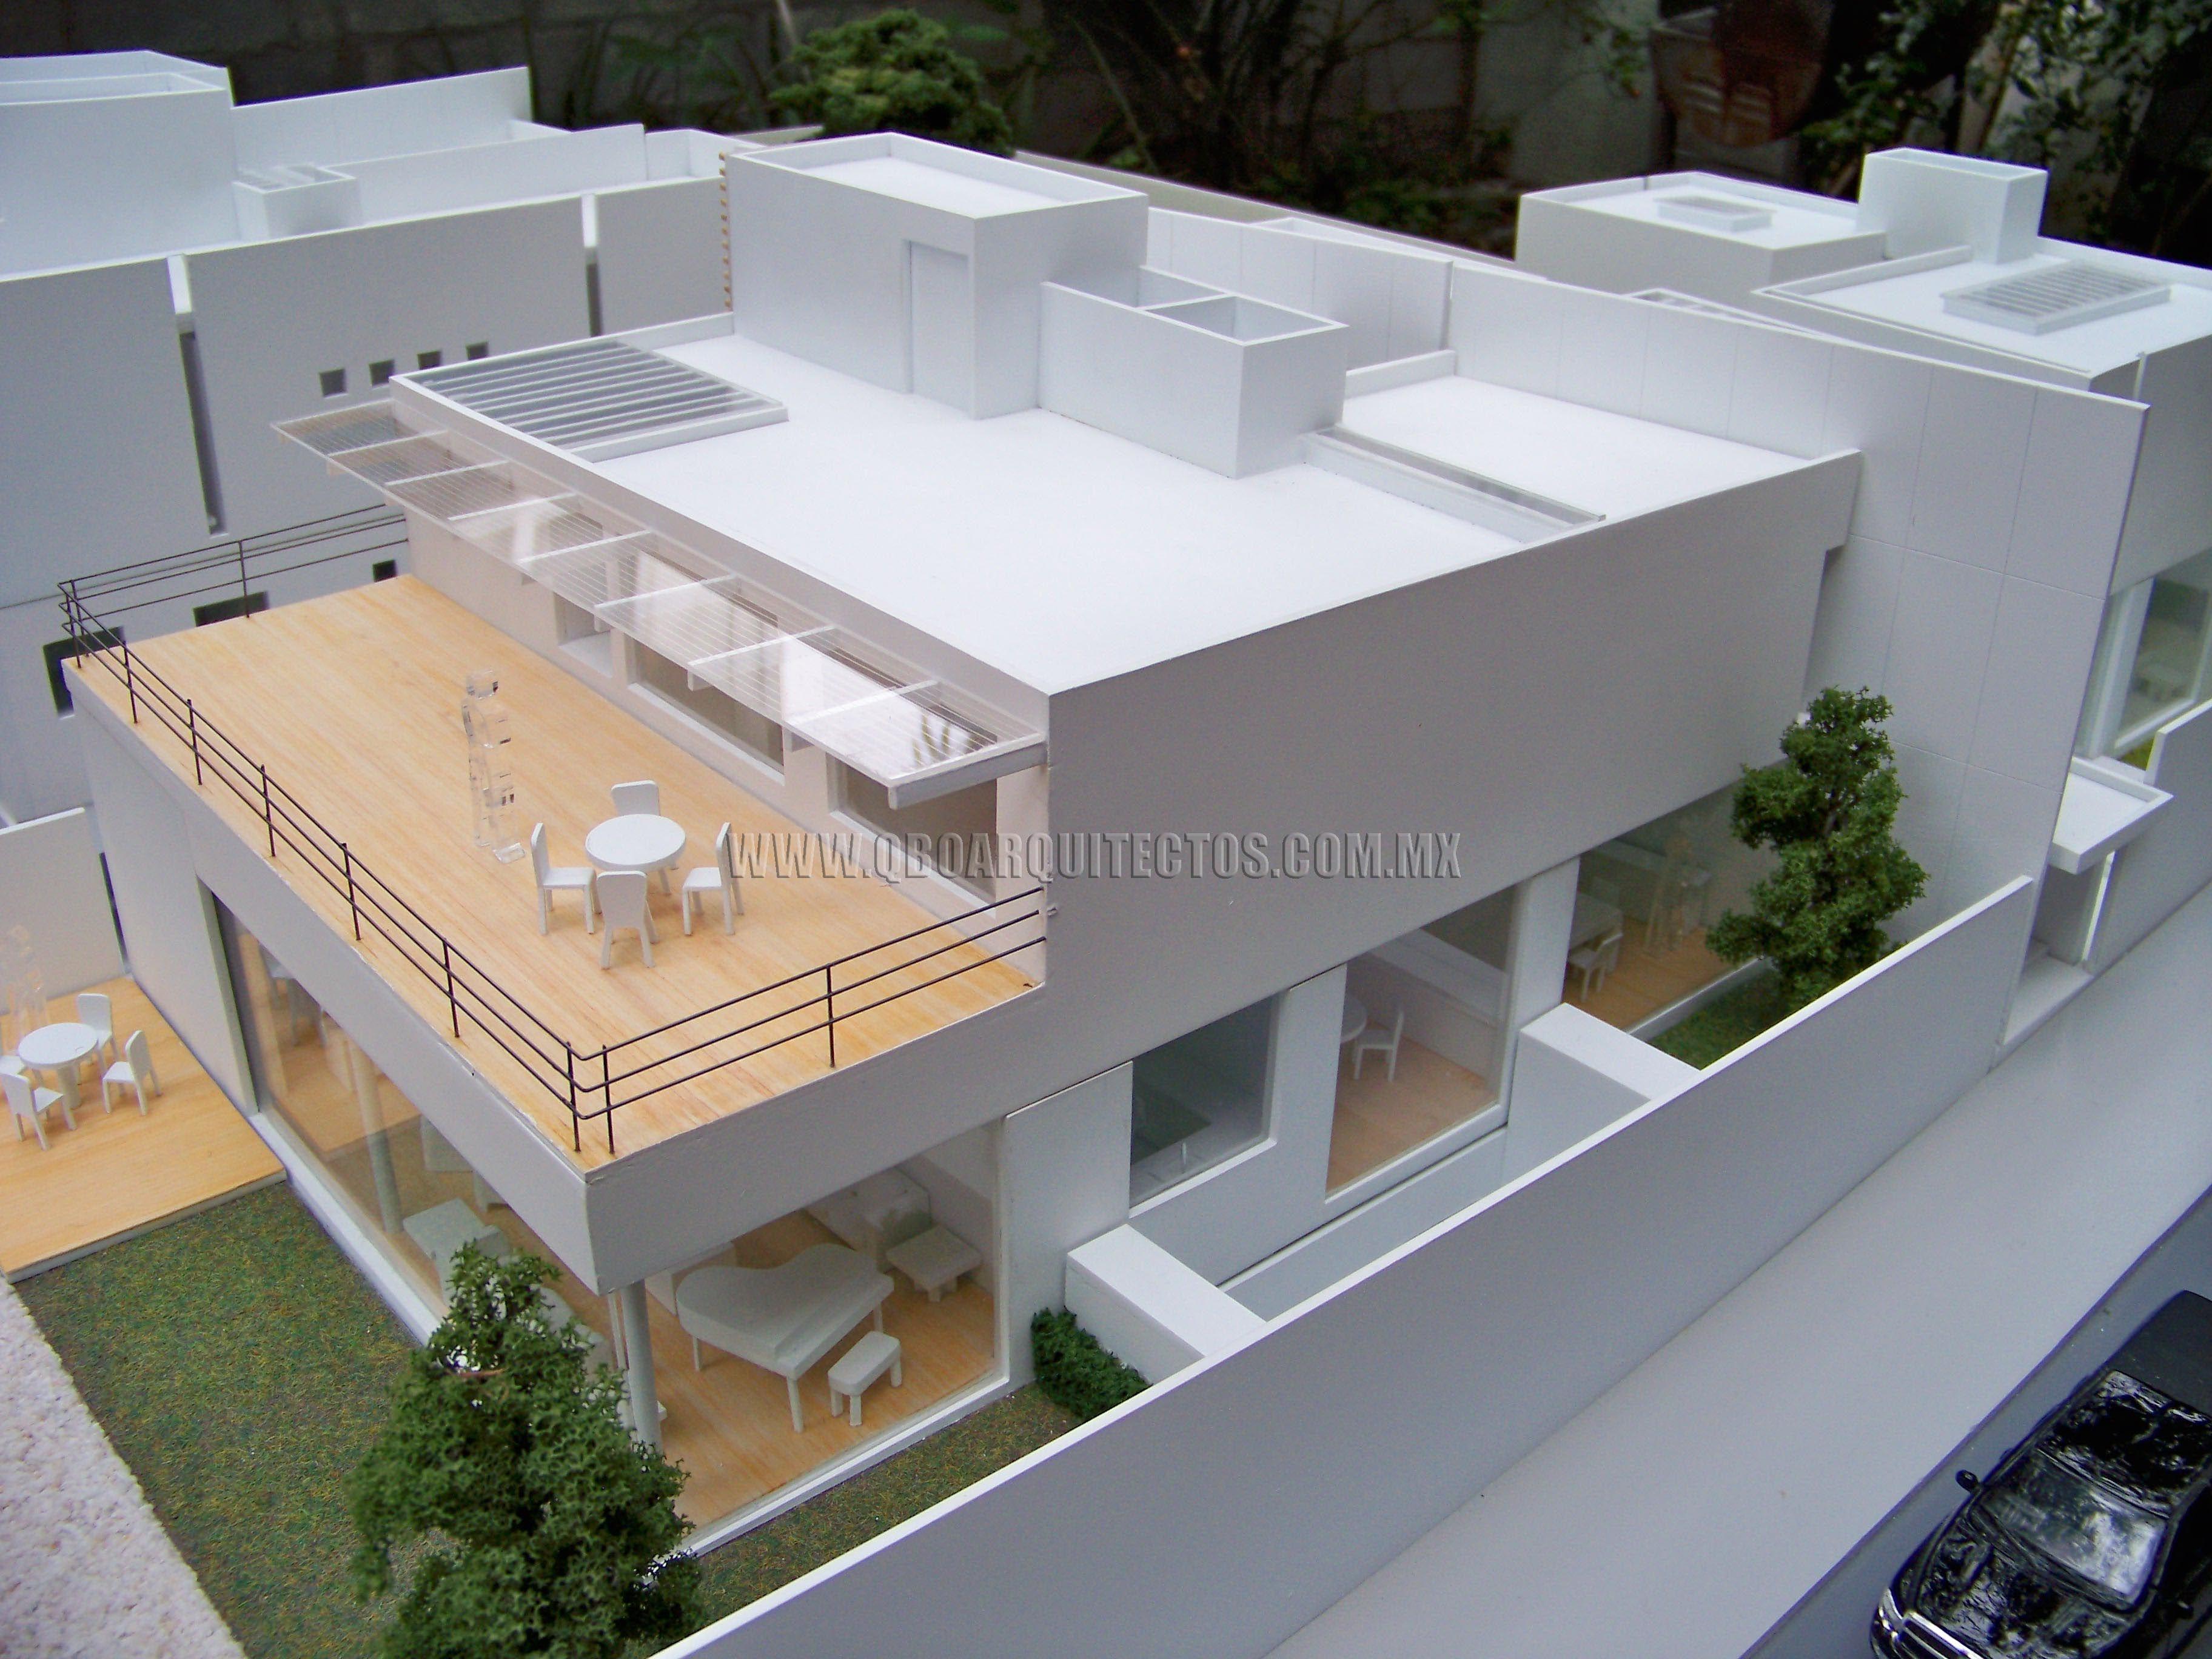 Casa quintero desmontable esc 1 50 maquetas pinterest for Casa moderna maqueta